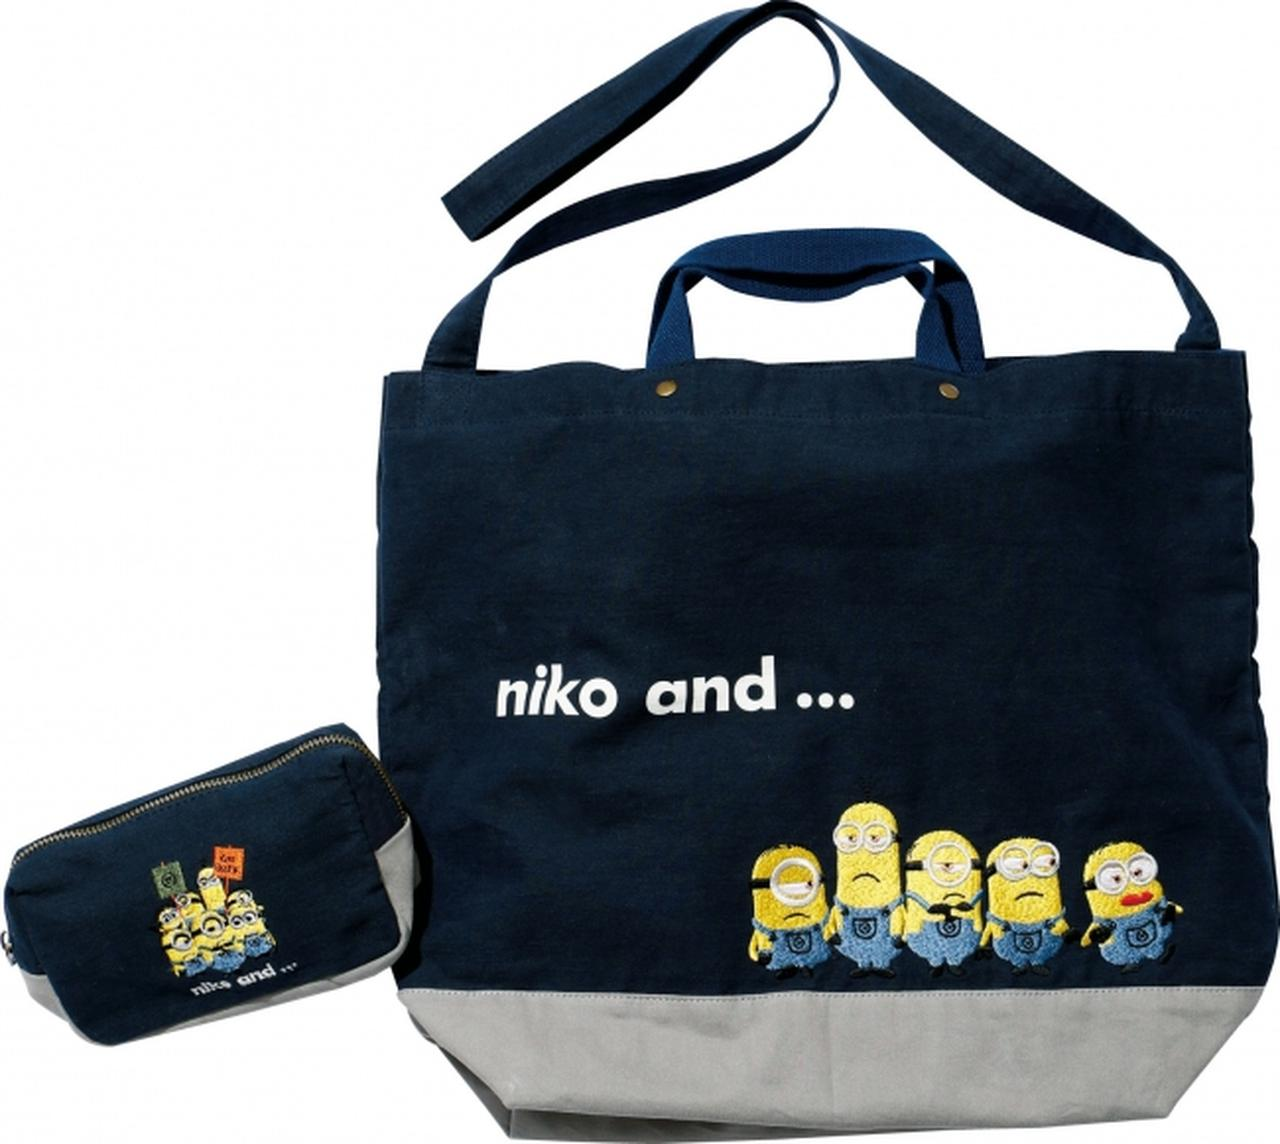 画像3: ミニオンとniko and ...のコラボ商品がおしゃれ